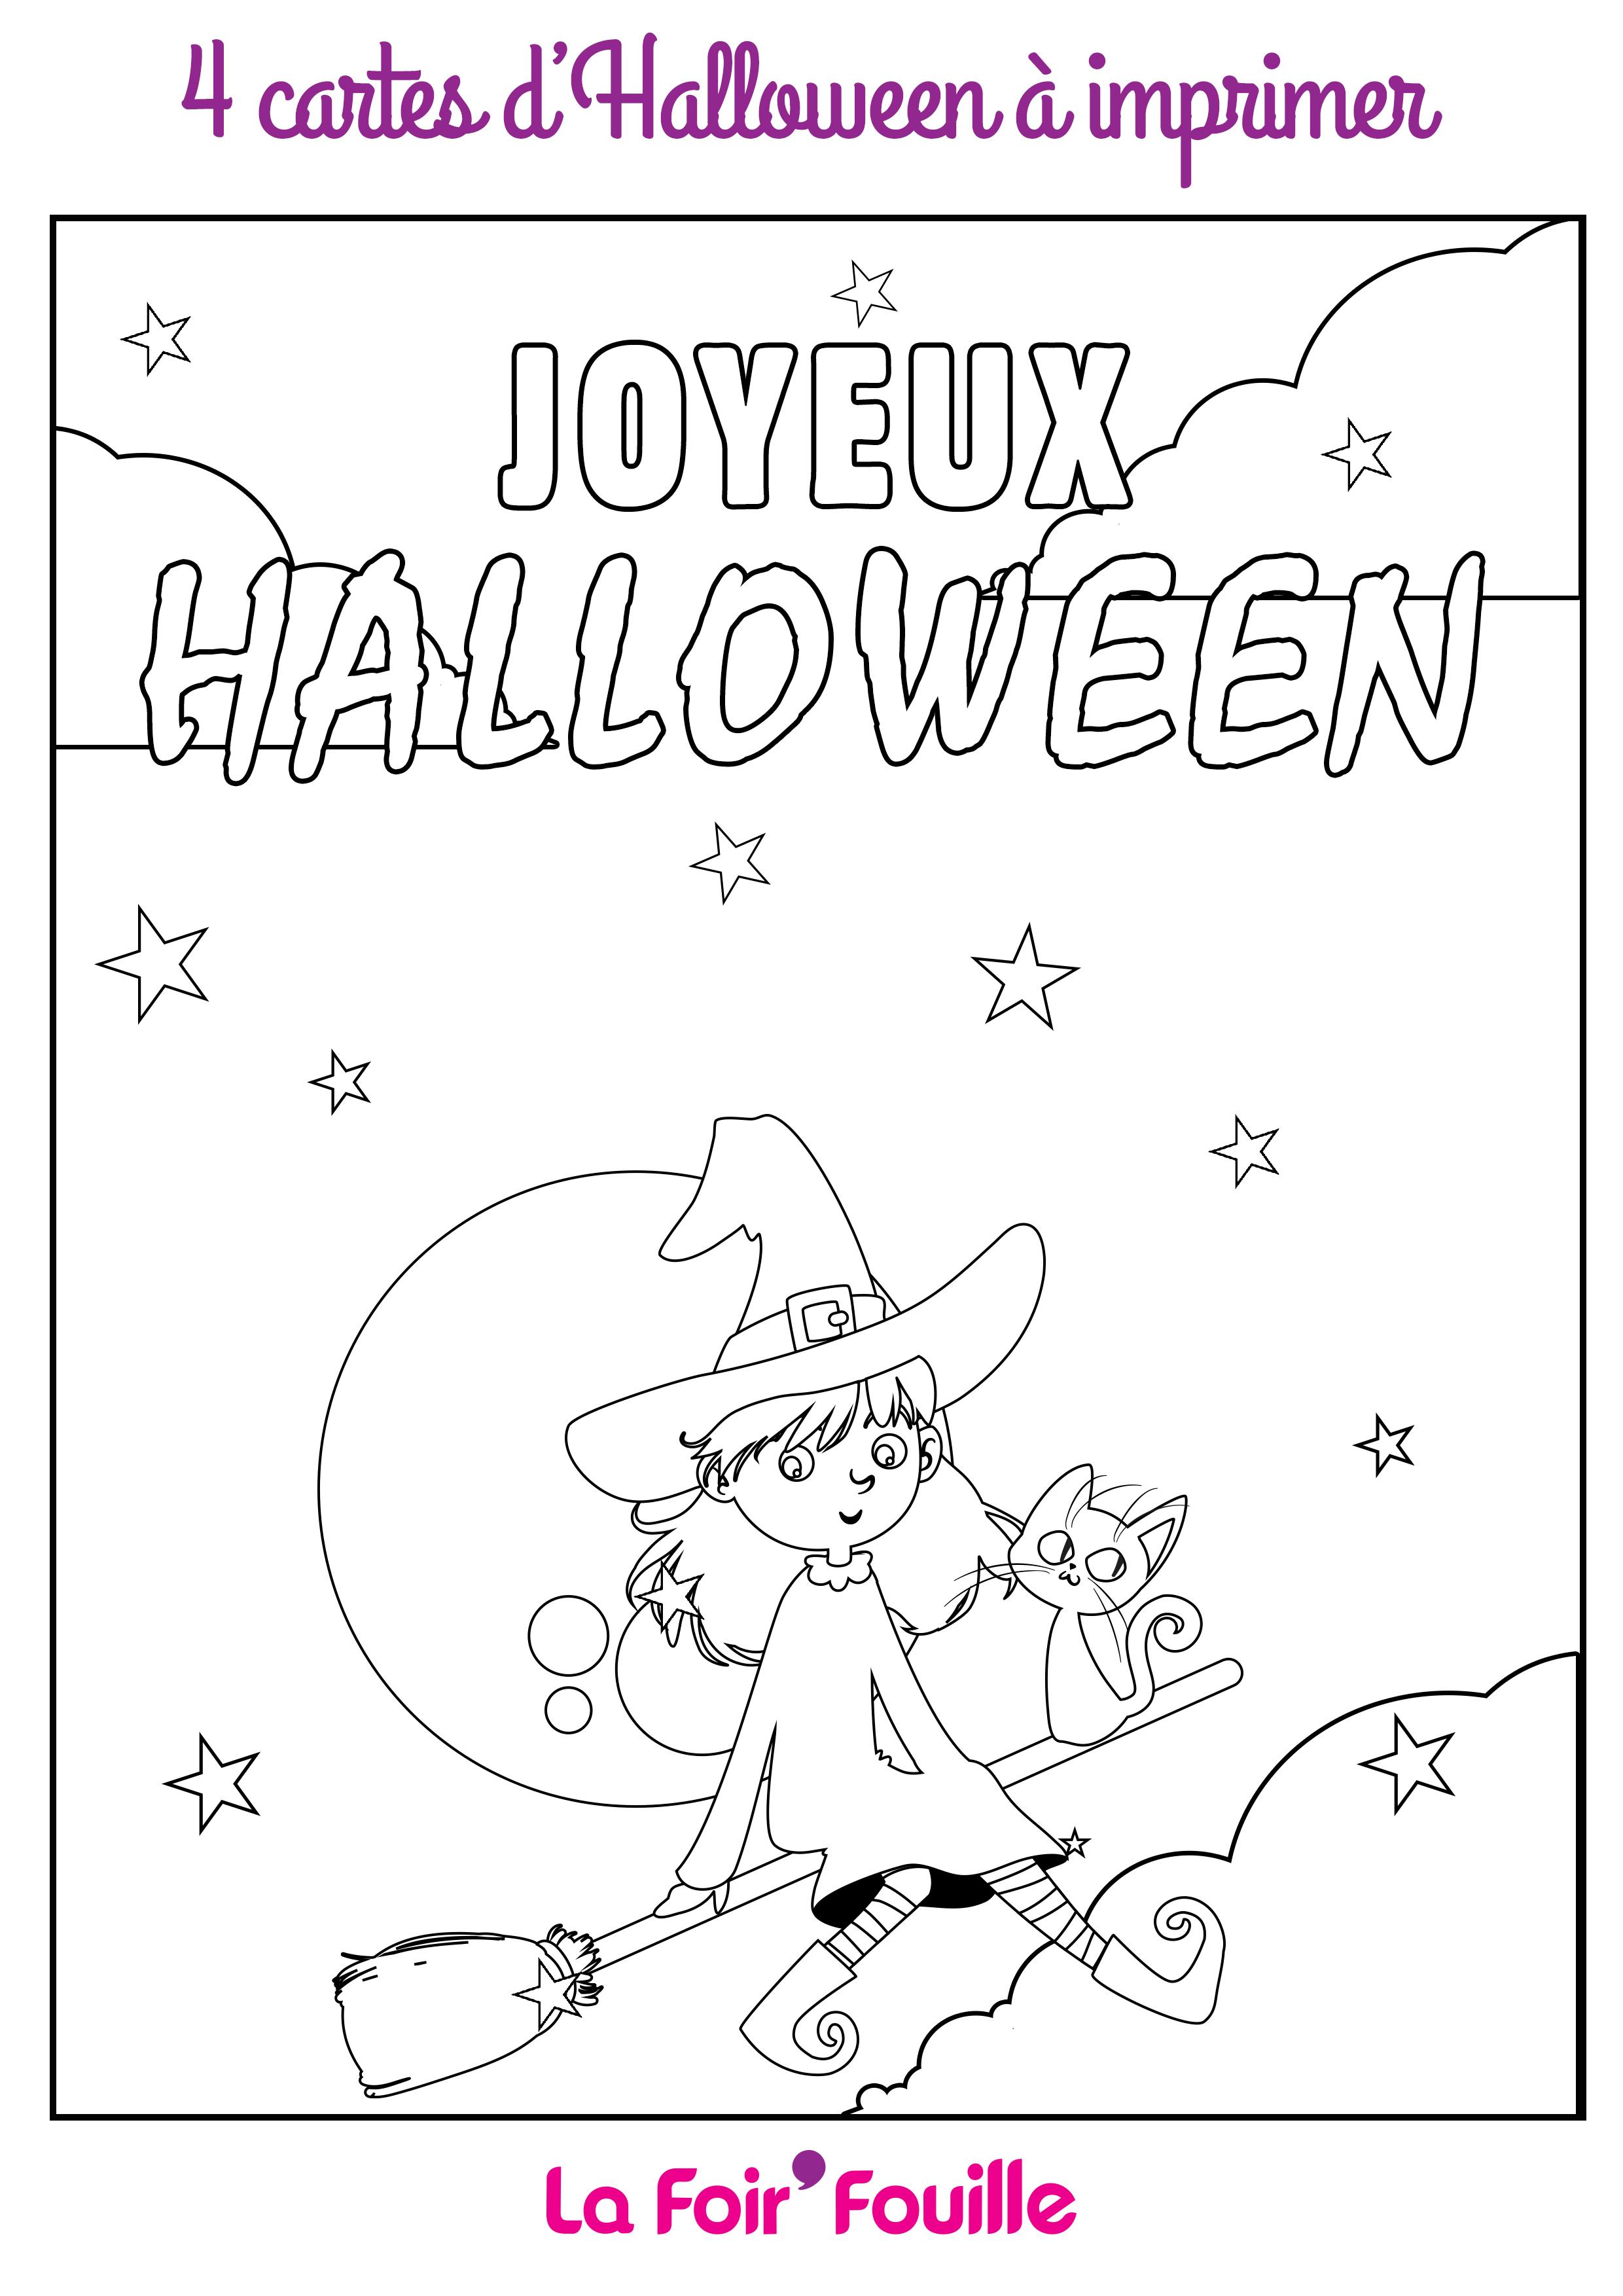 Diy 4 Cartes D Halloween A Imprimer Et A Colorier Blog La Foirfouille